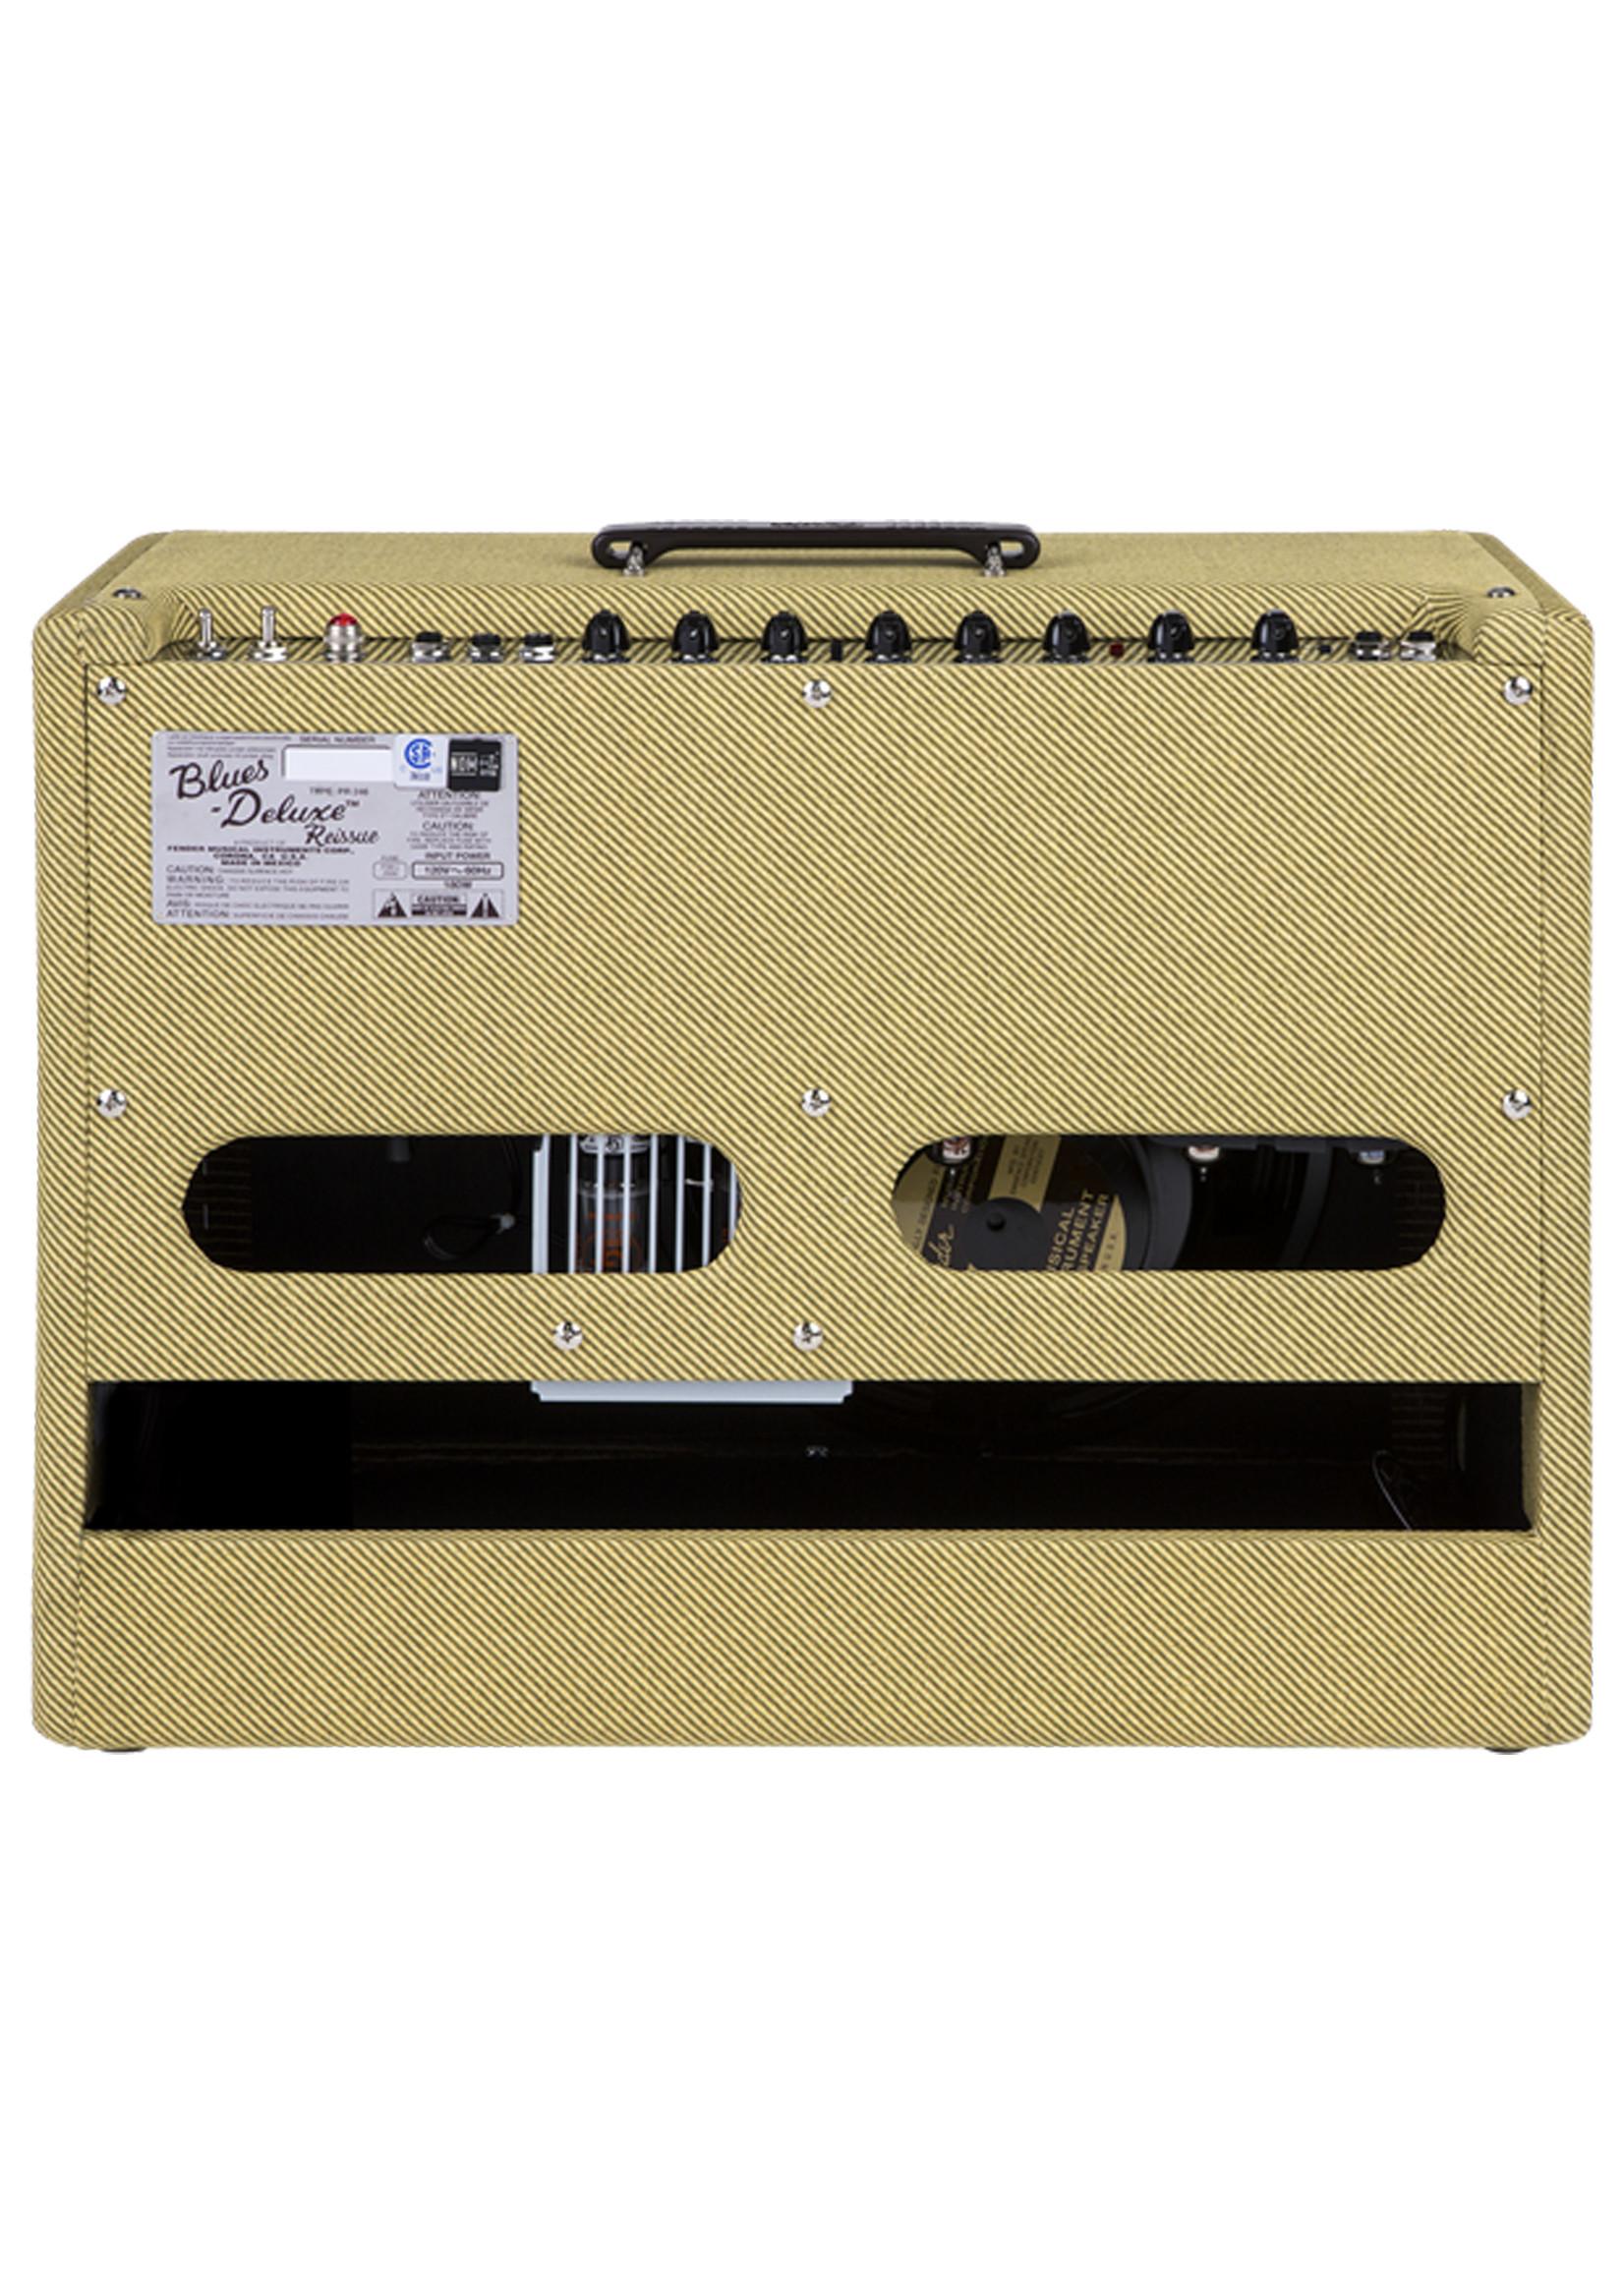 Fender Blues Deluxe Reissue 112